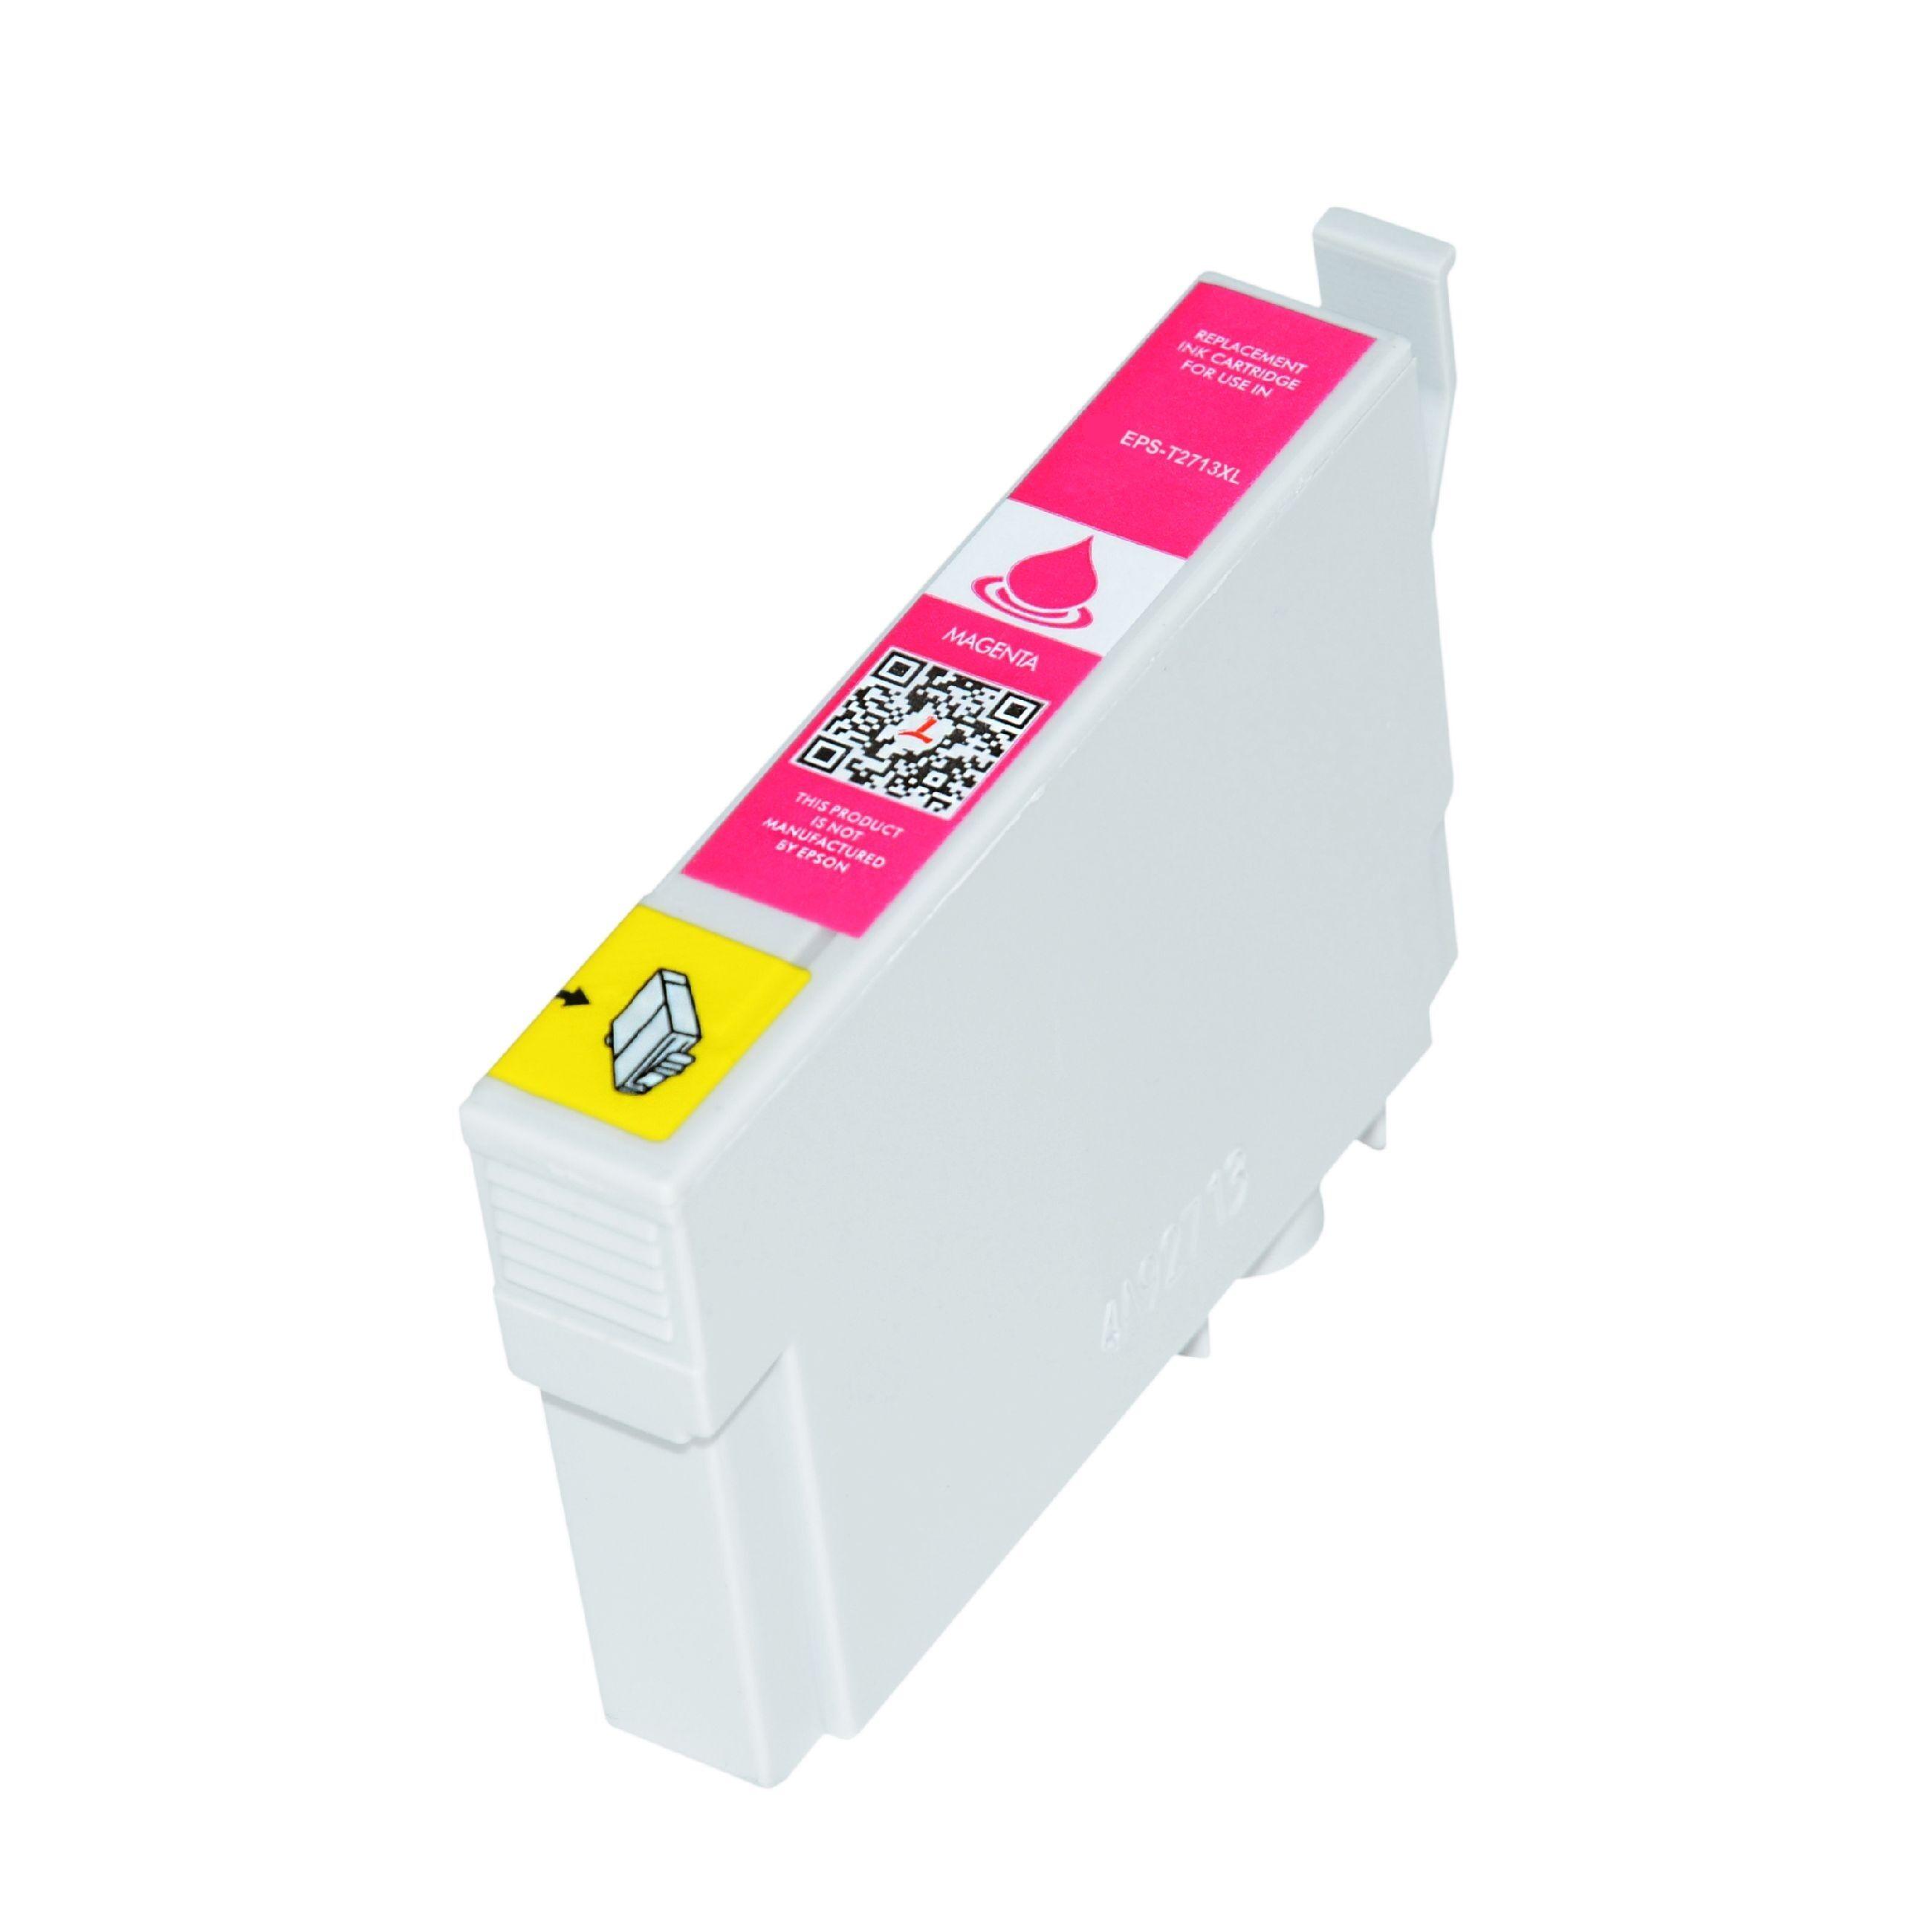 Epson Cartouche d'encre pour Epson C13T27134010 / 27XL magenta compatible (de marque ASC)